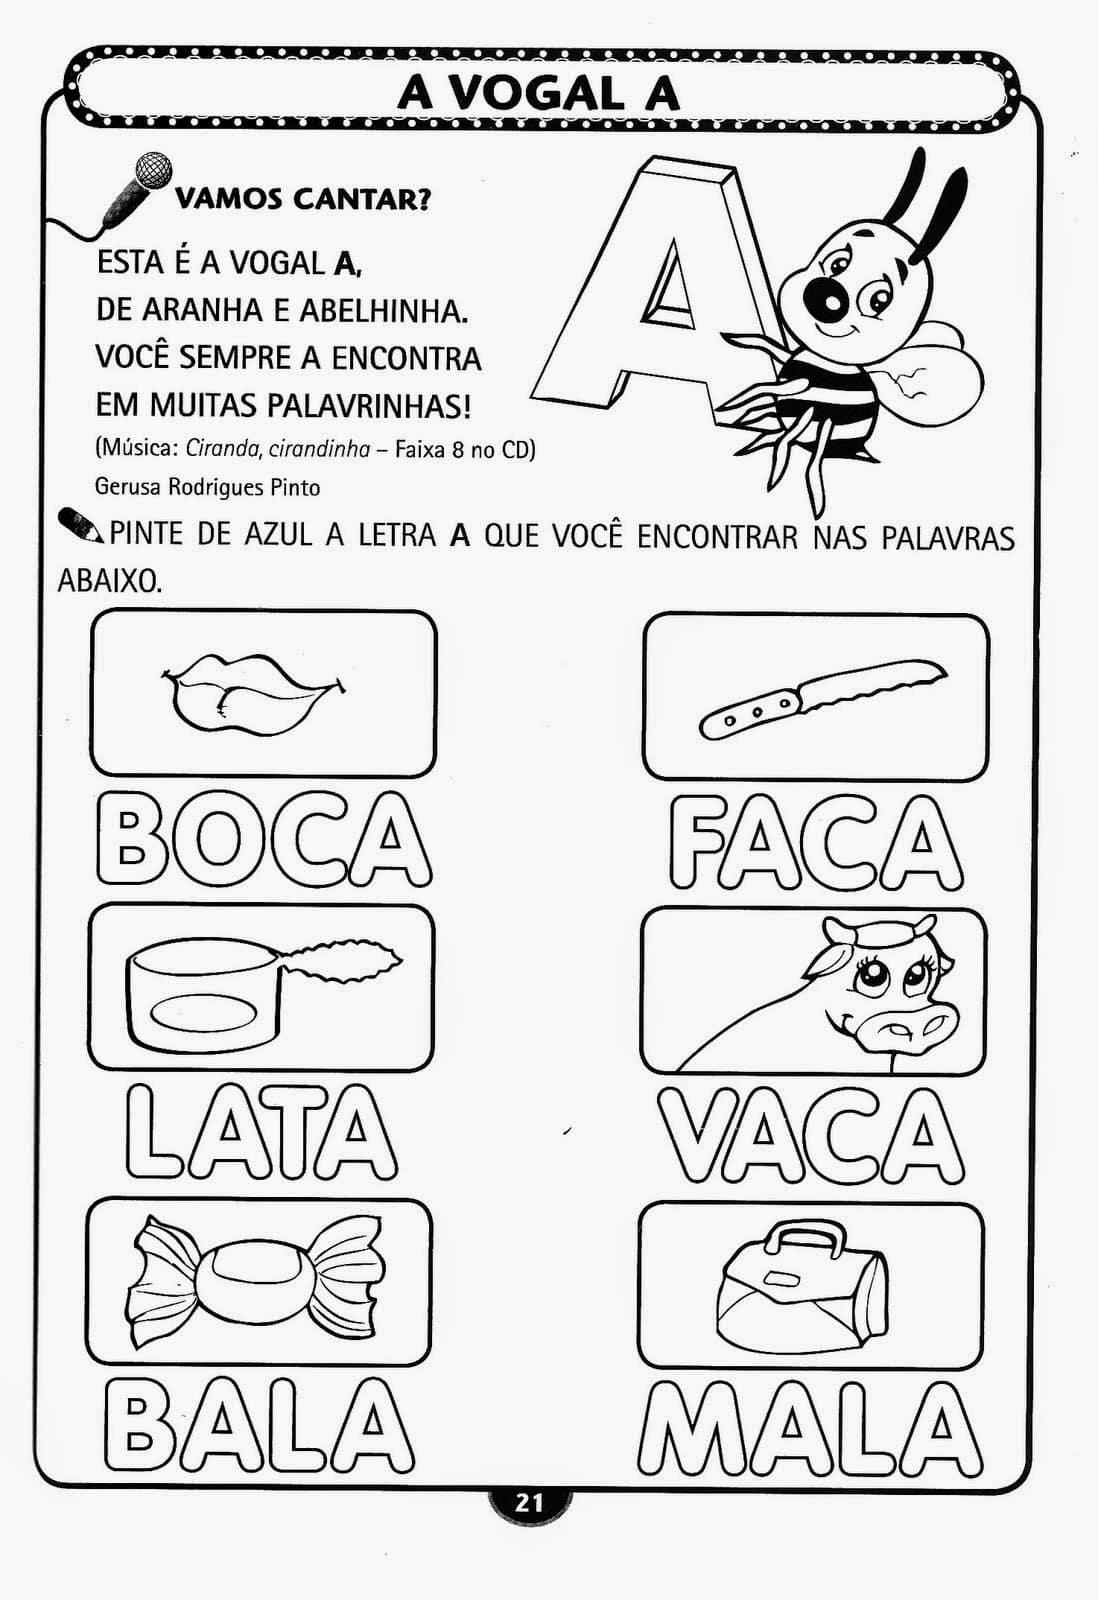 Excepcional Espaço Infantil – Atividades Infantil Alfabetização para Imprimir CS82